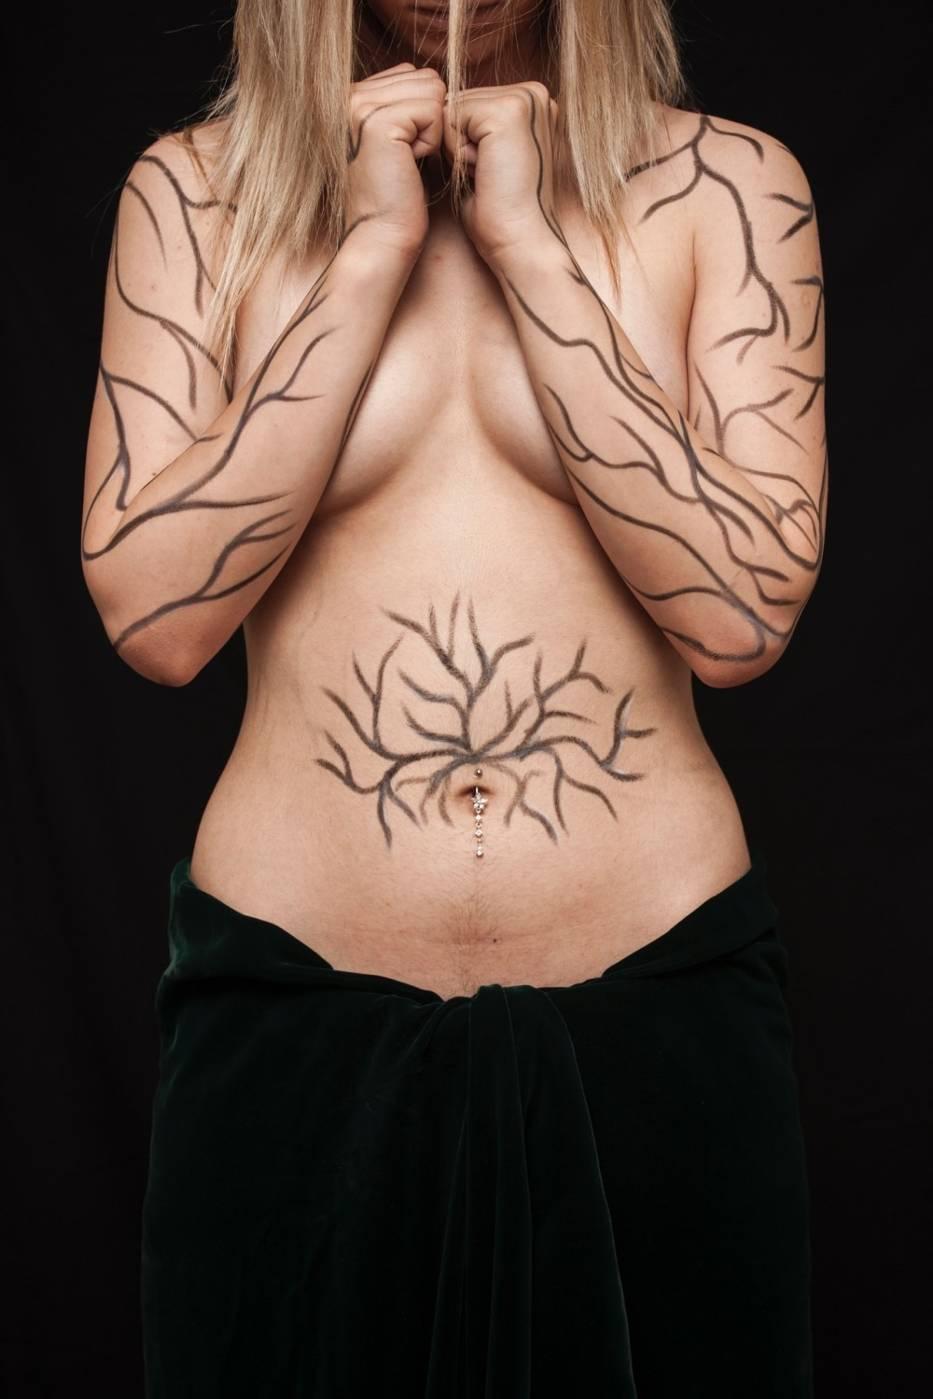 Tatuaż może zakryć bliznę, abo ją wyeksponować